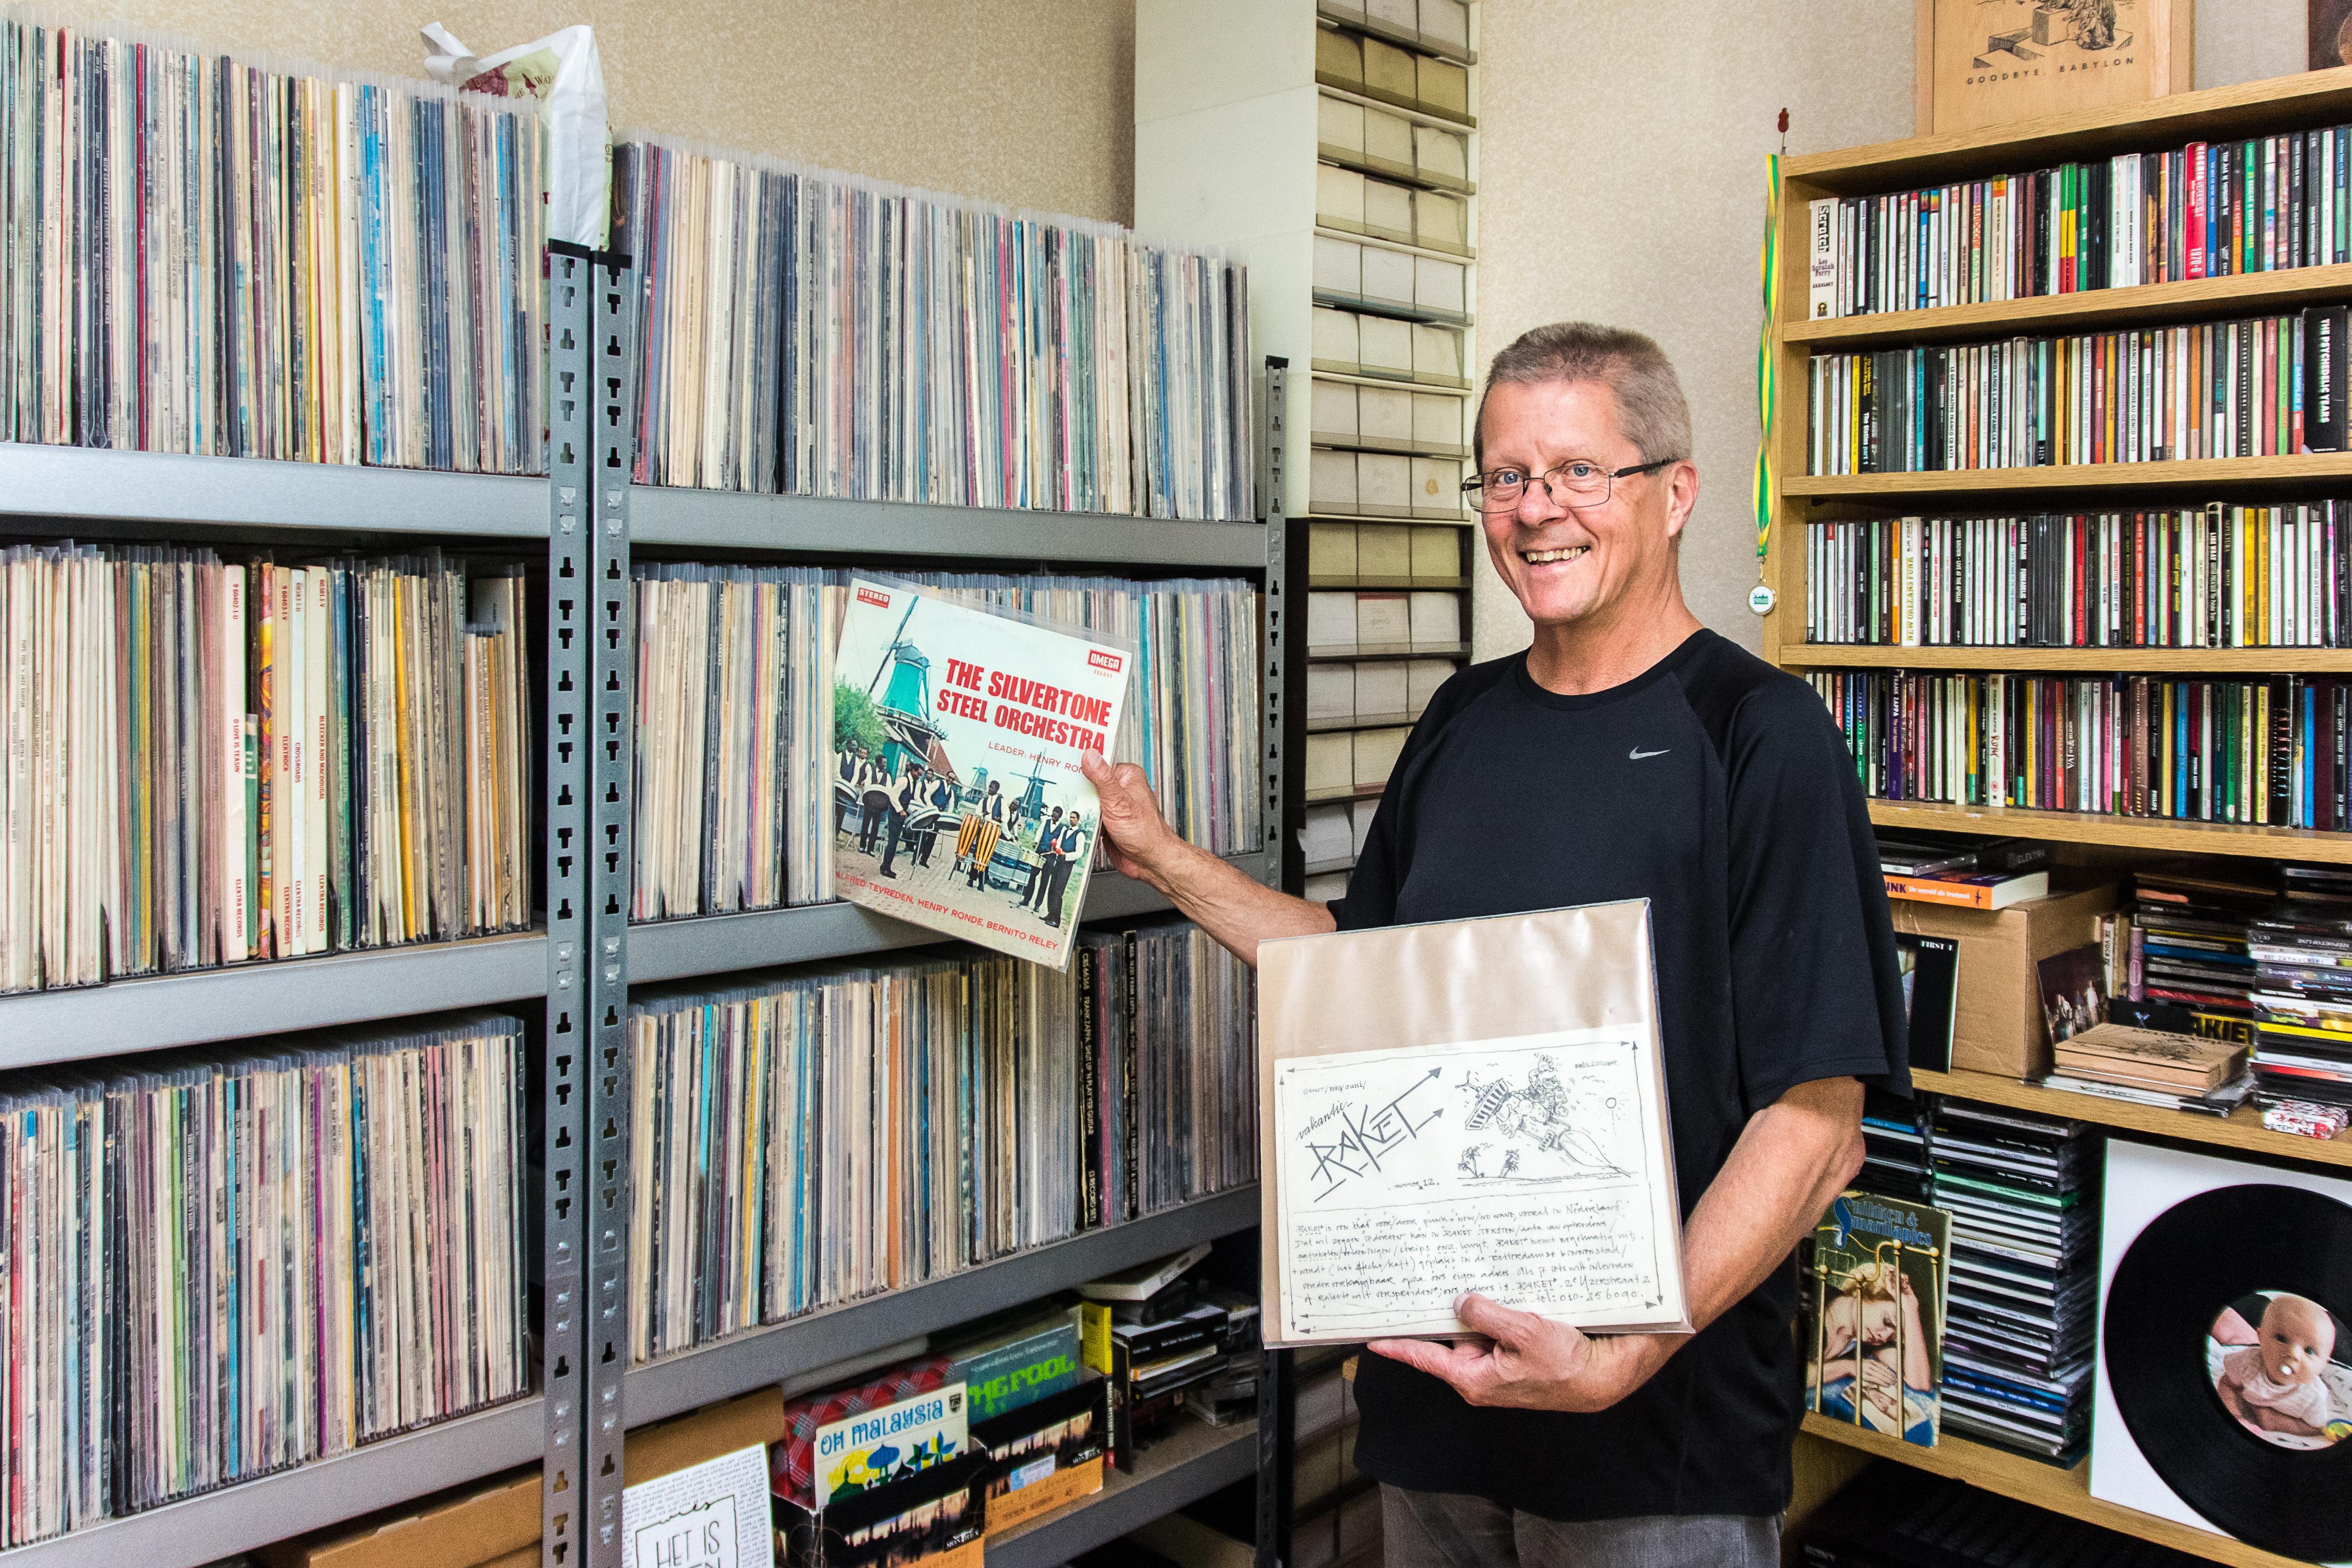 Rob Hendriks klaart titanenklus: na vijftien jaar is boek over Zaanse pophistorie klaar